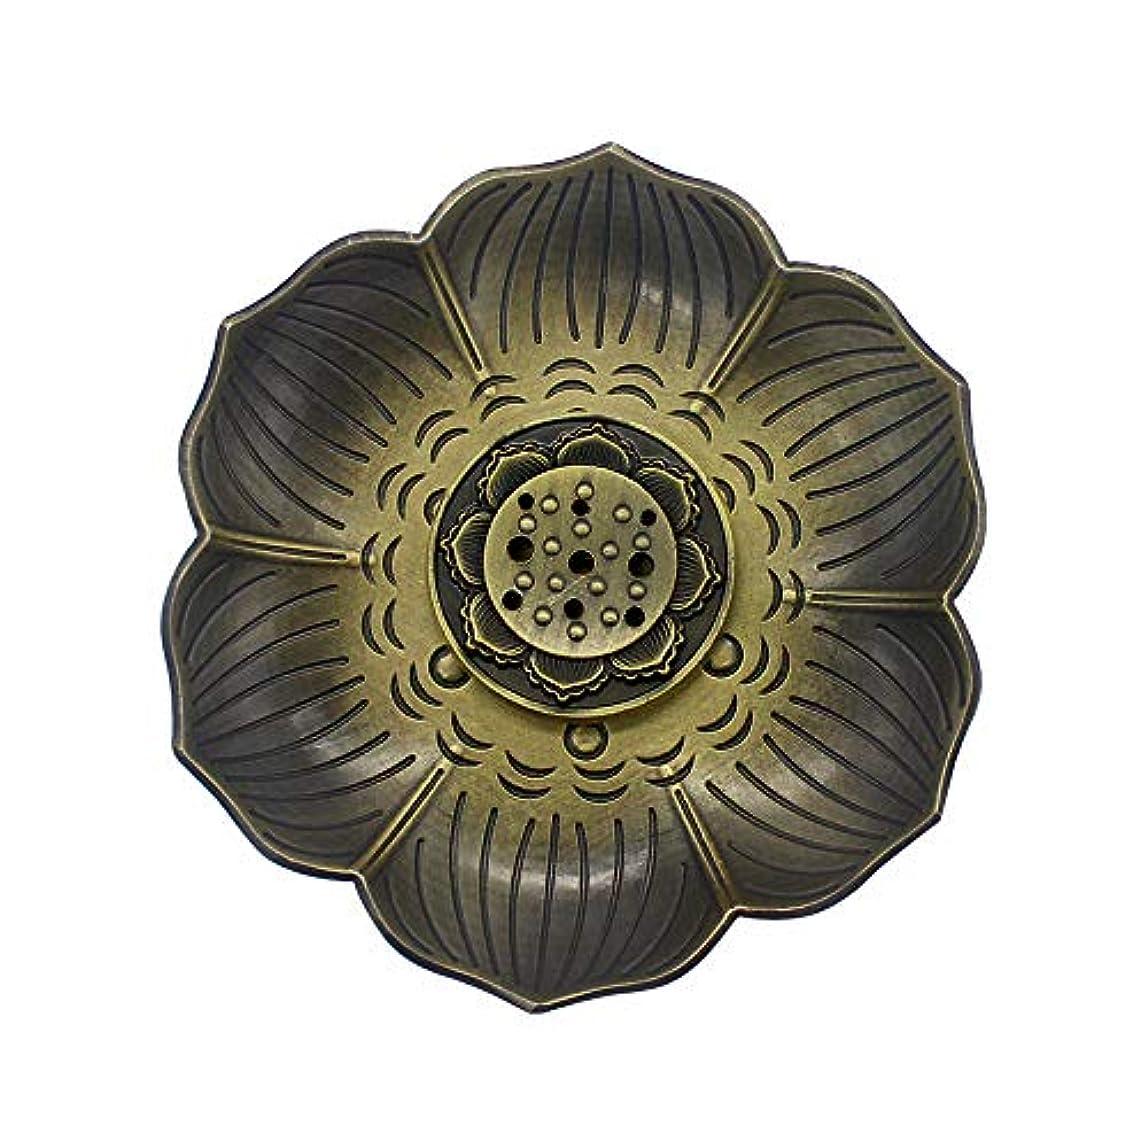 真空学部長くるみMyLifeUNITブロンズLotus Incenseホルダー、多目的香炉お香の円錐、またはコイル